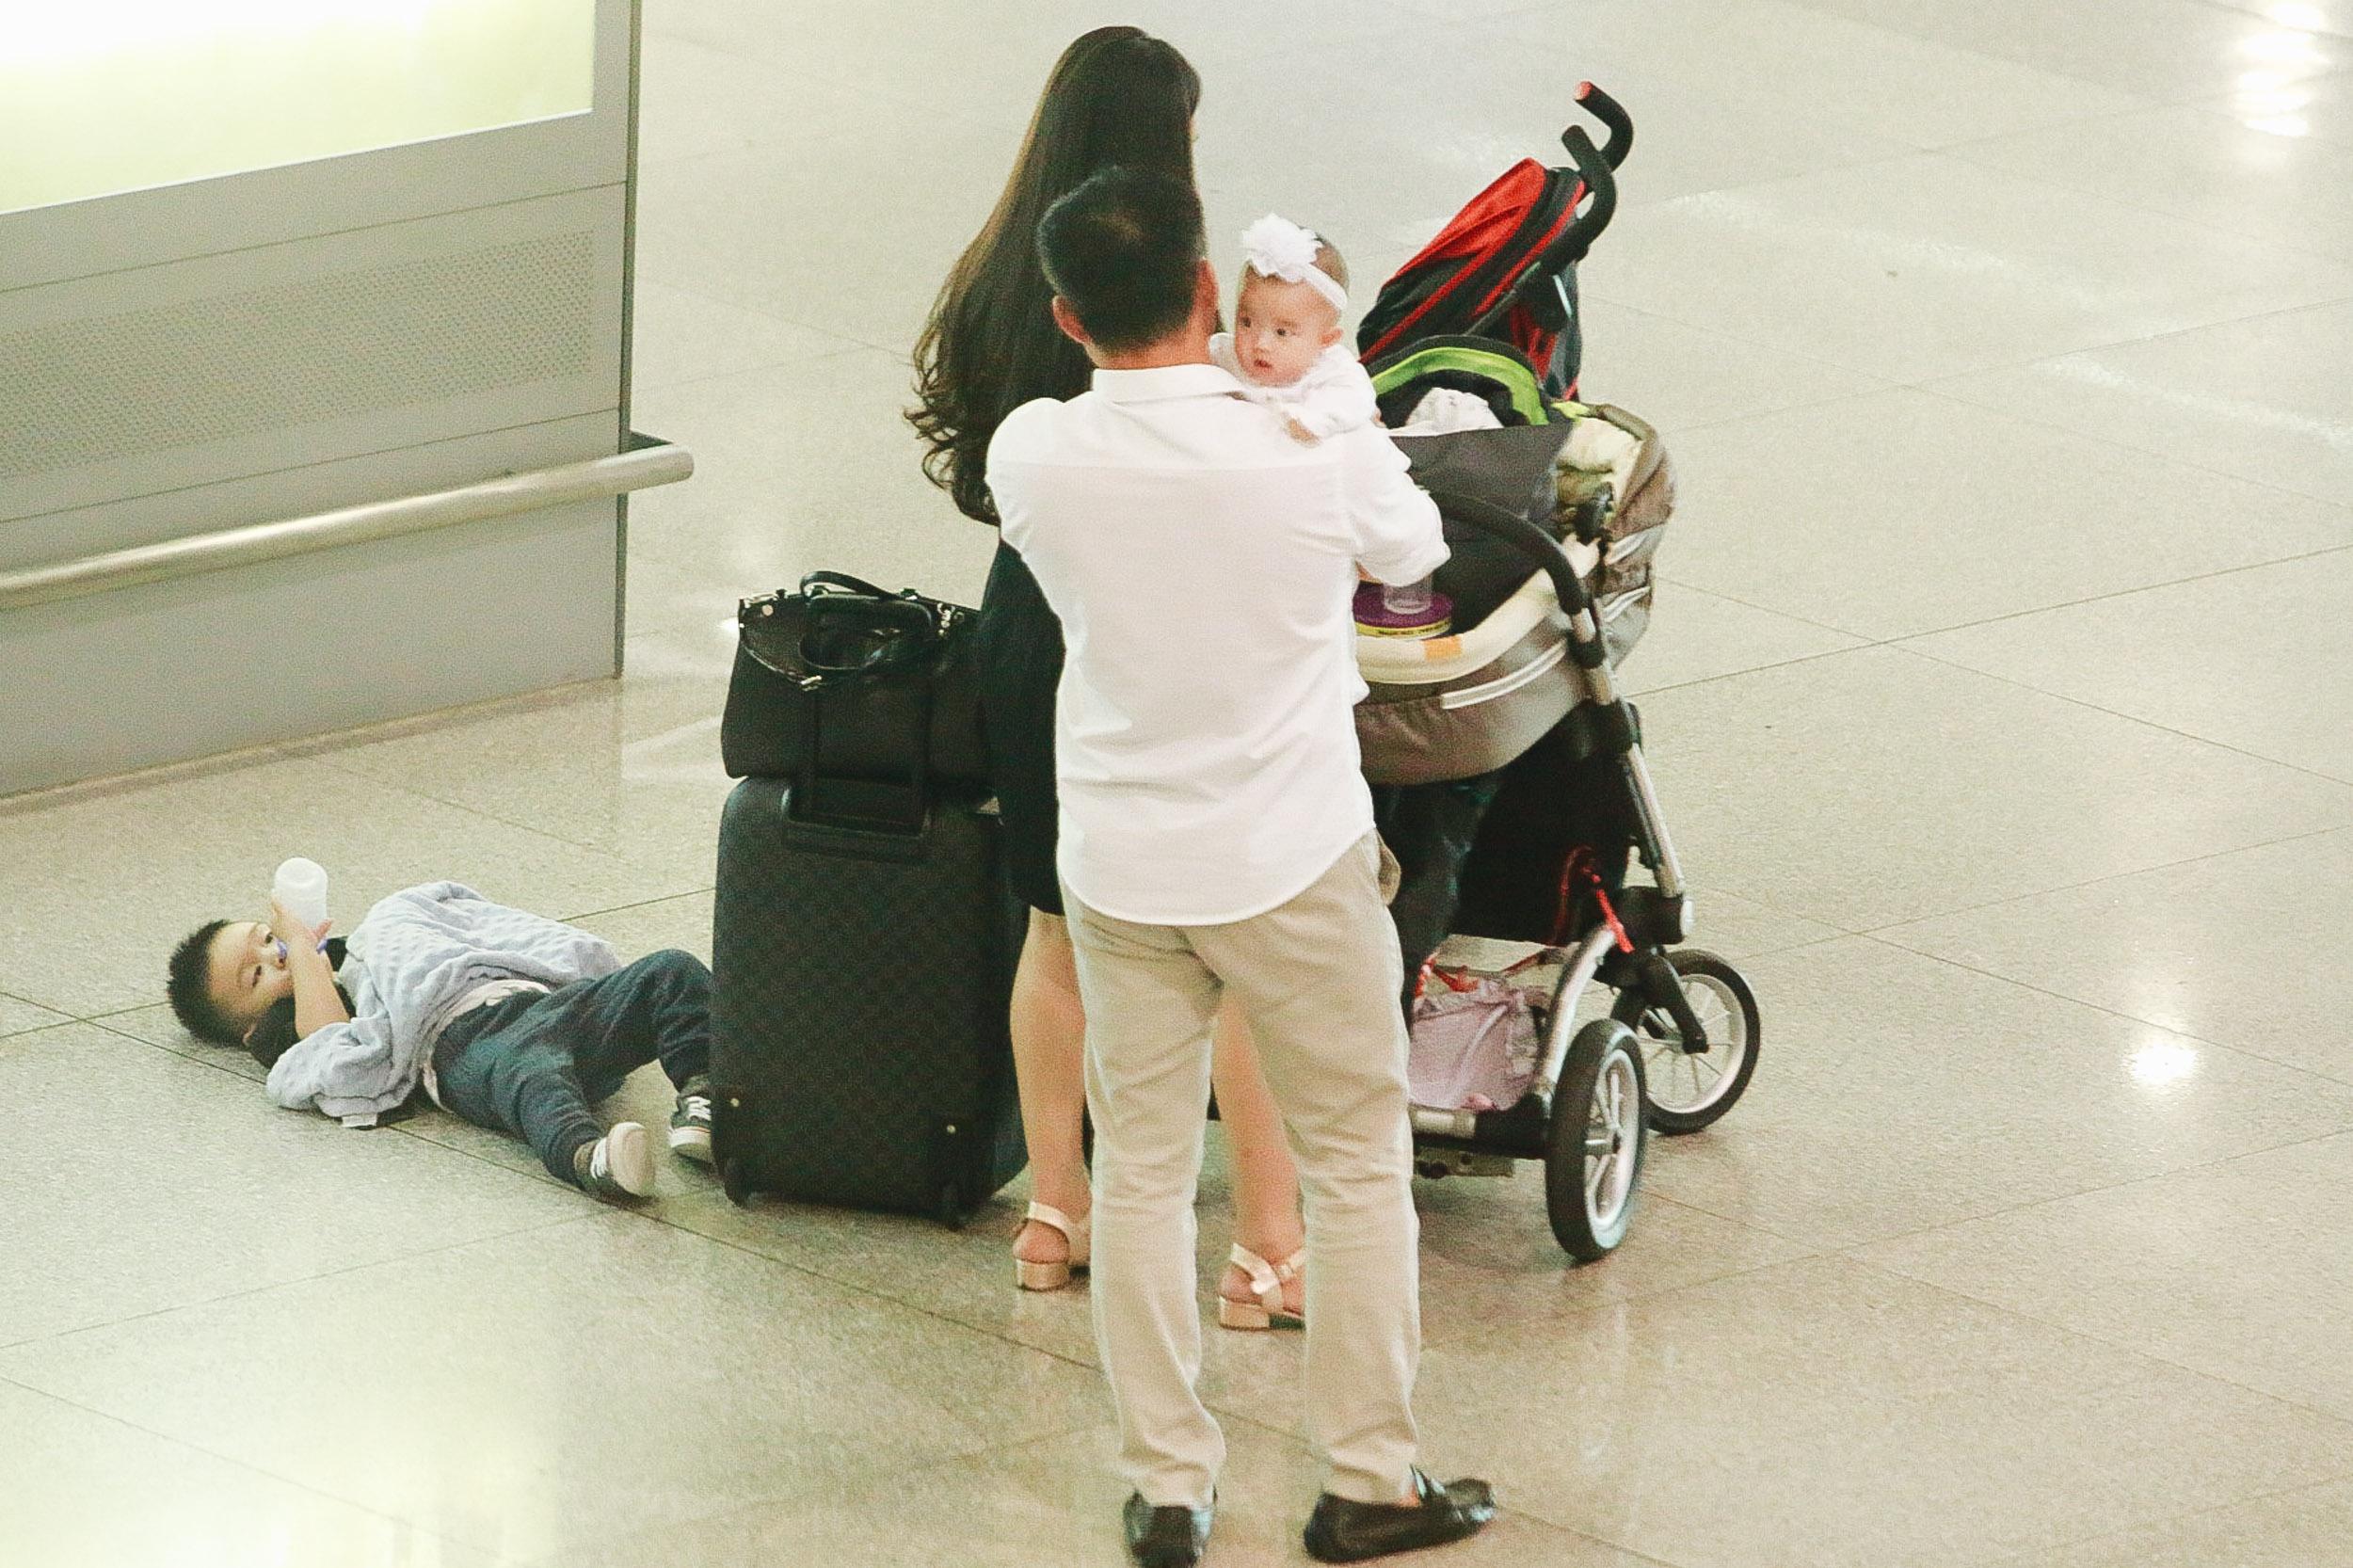 Vy Oanh lần đầu công khai lộ diện với ông xã, cả gia đình cùng trở về từ Mỹ thăm mẹ ốm nặng - Ảnh 5.